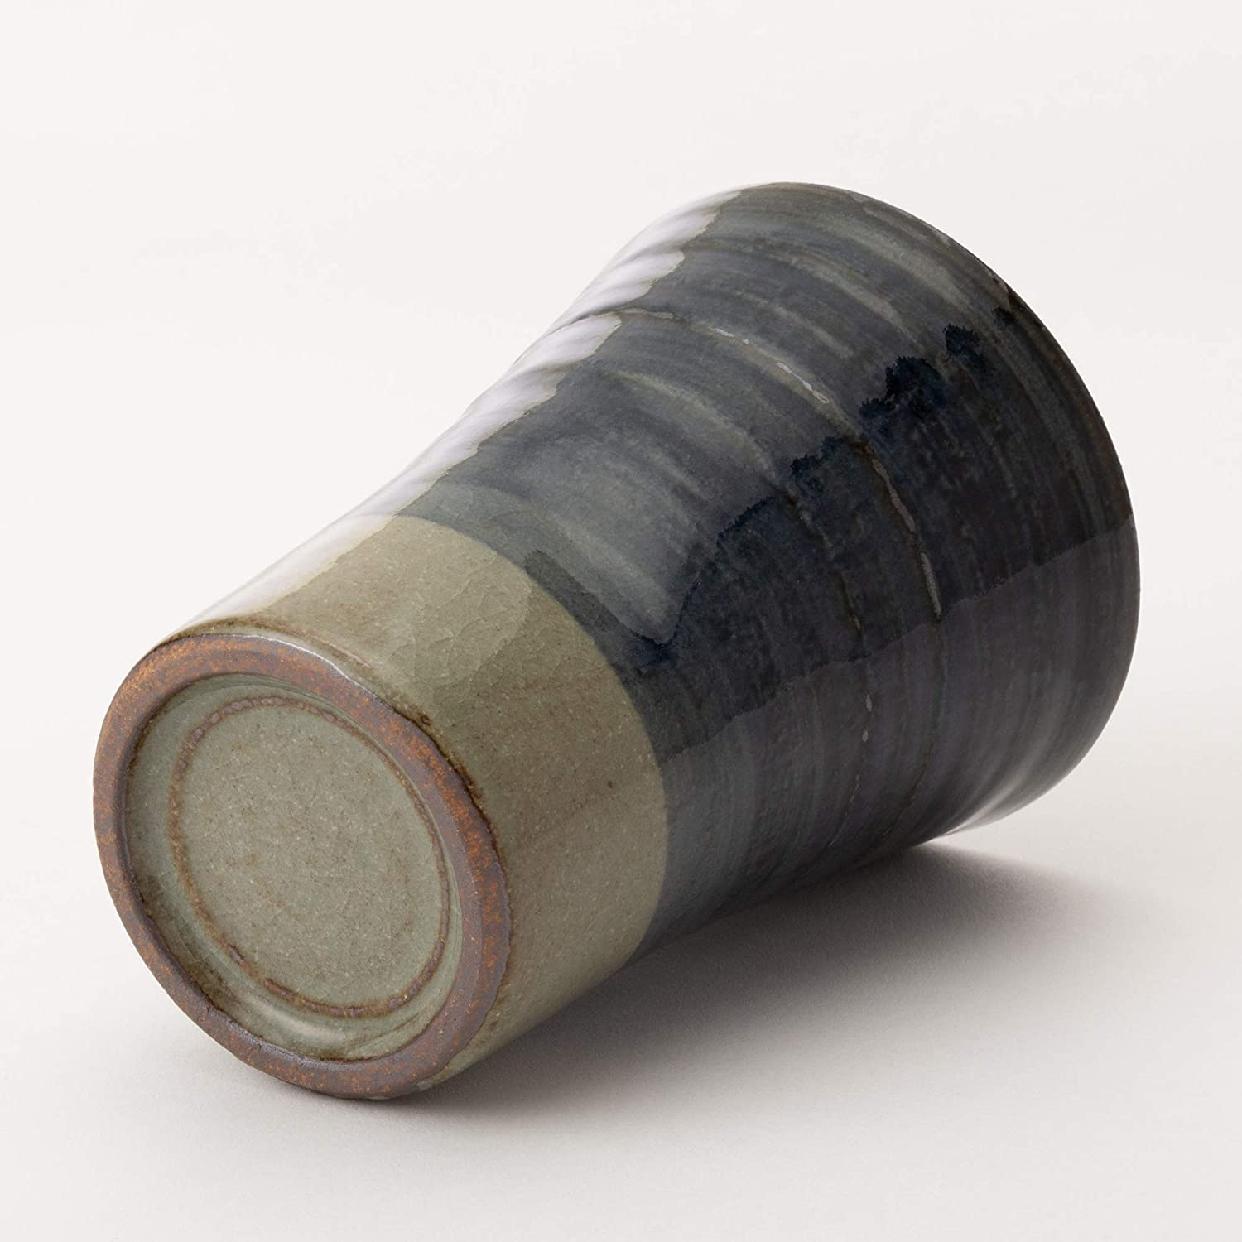 MINO CRAFT. 焼酎カップ K60325 OFUKEの商品画像6